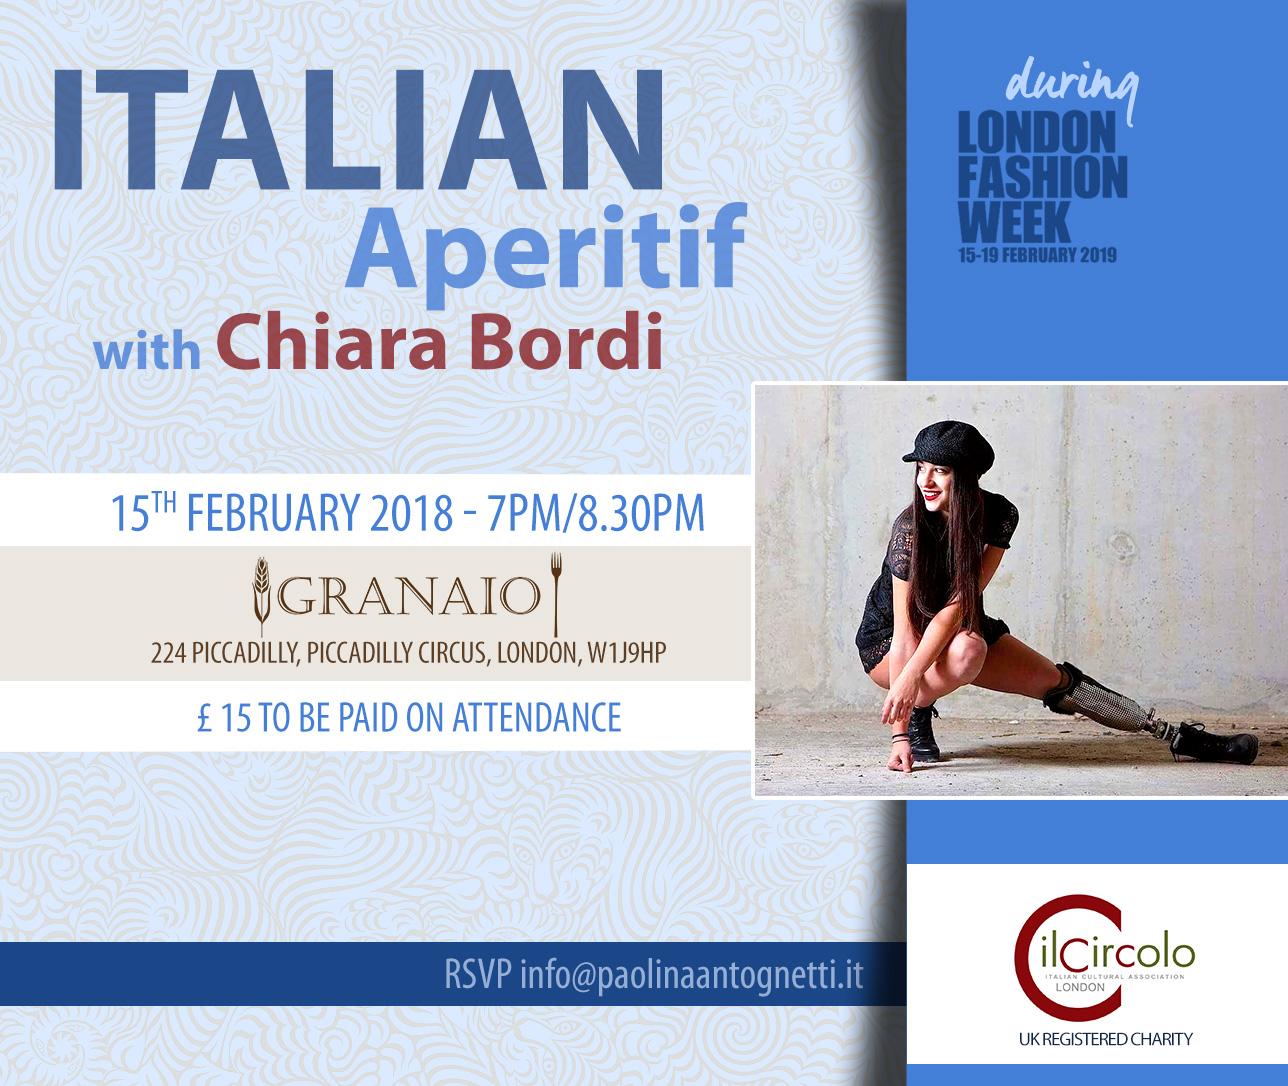 Il Circolo- Italian Aperitif with Chiara Bordi February 15